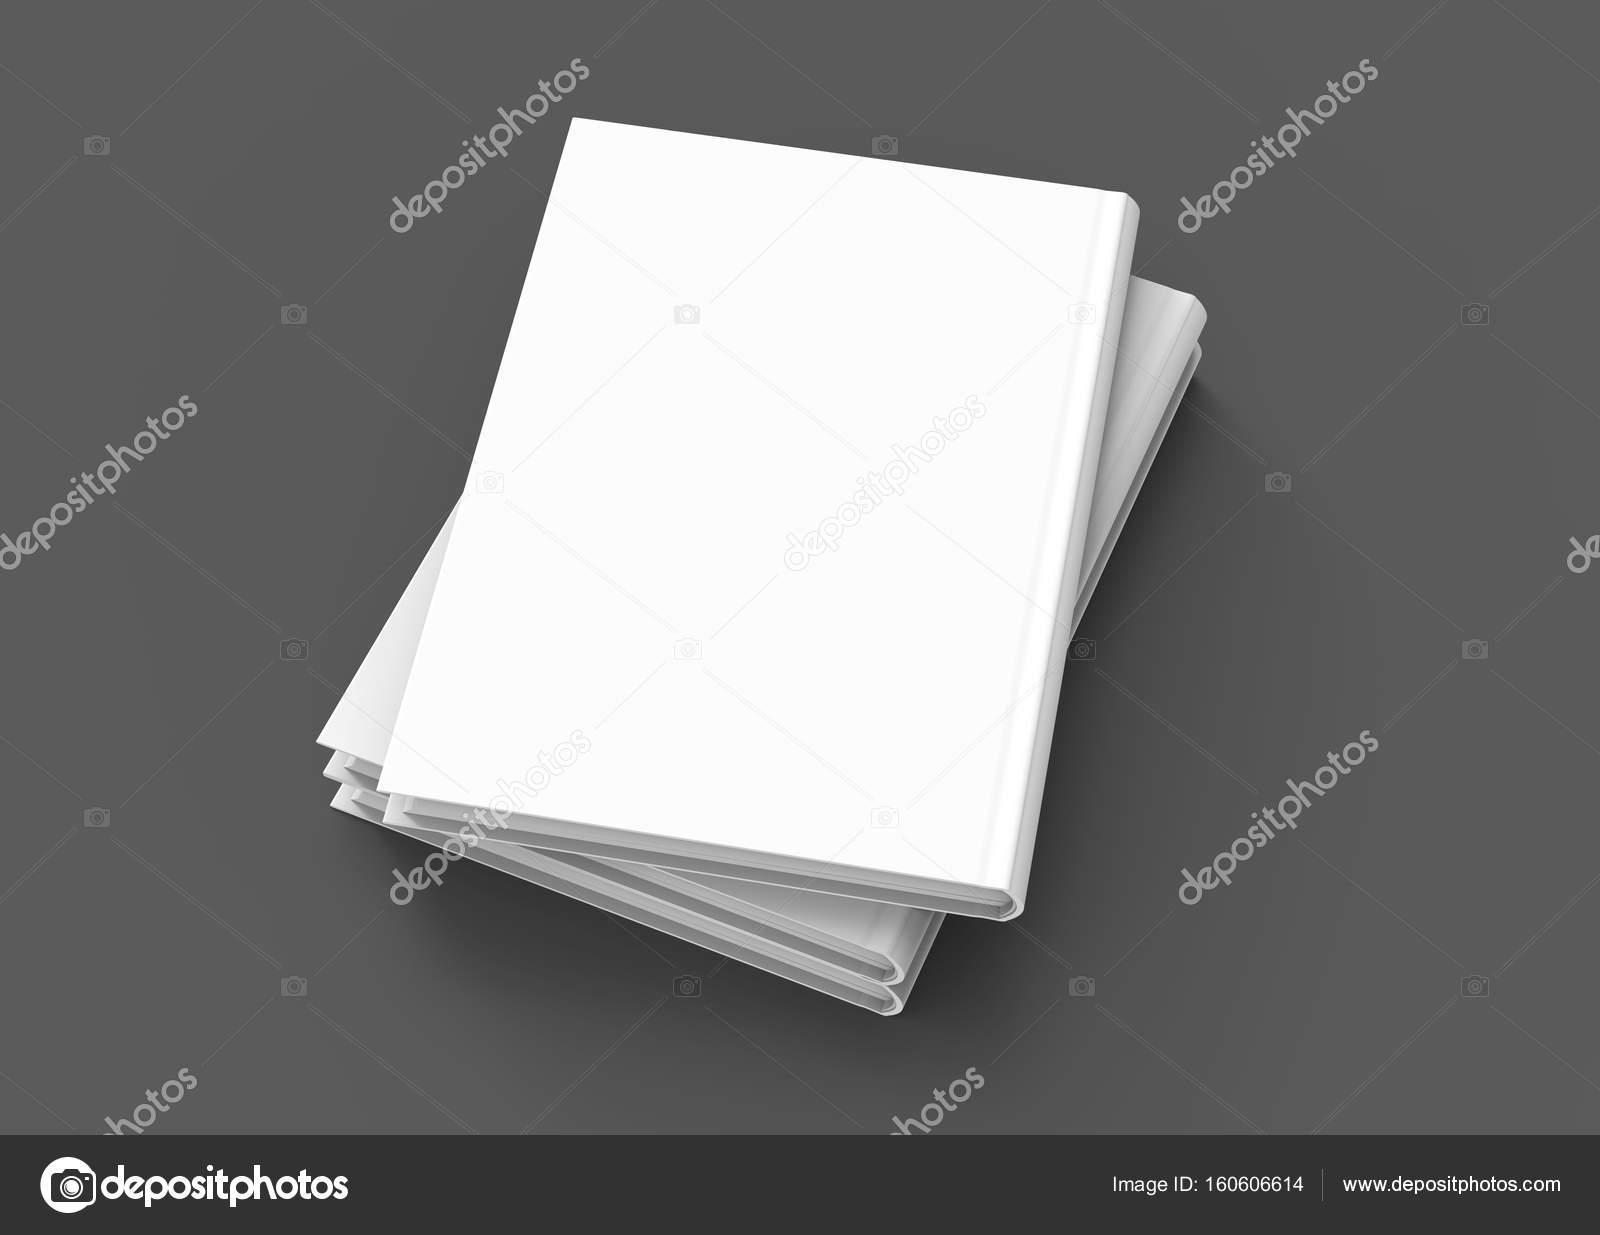 Hardcover-Bücher-Vorlage — Stockfoto © kchungtw #160606614